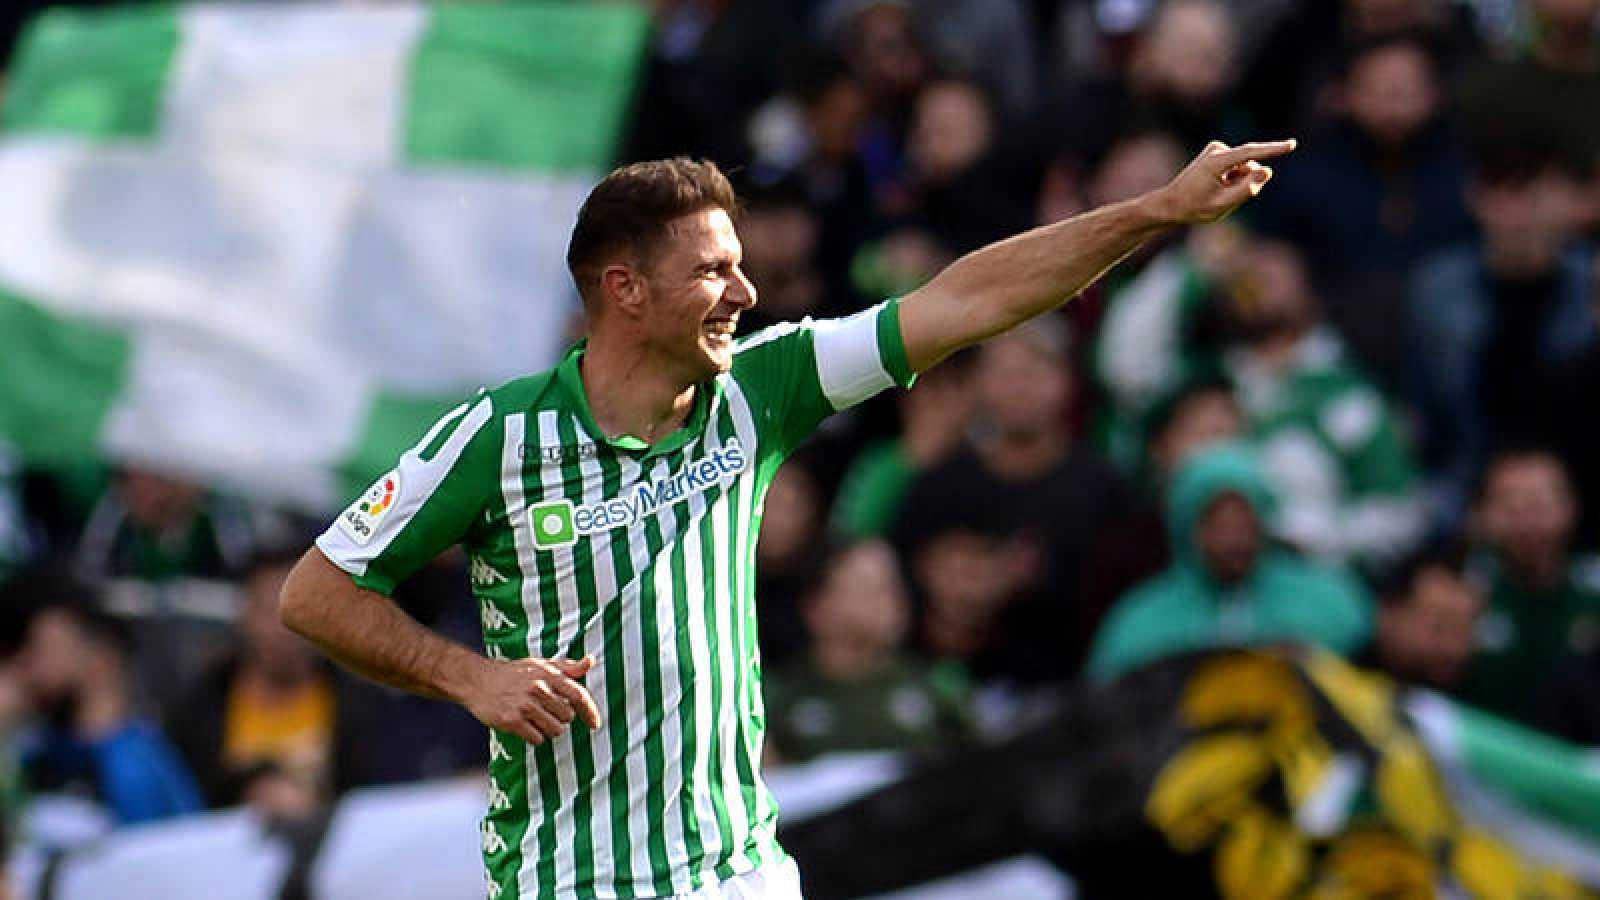 Joaquín celebra su gol ante la Real Sociedad en el Benito Villamarín.